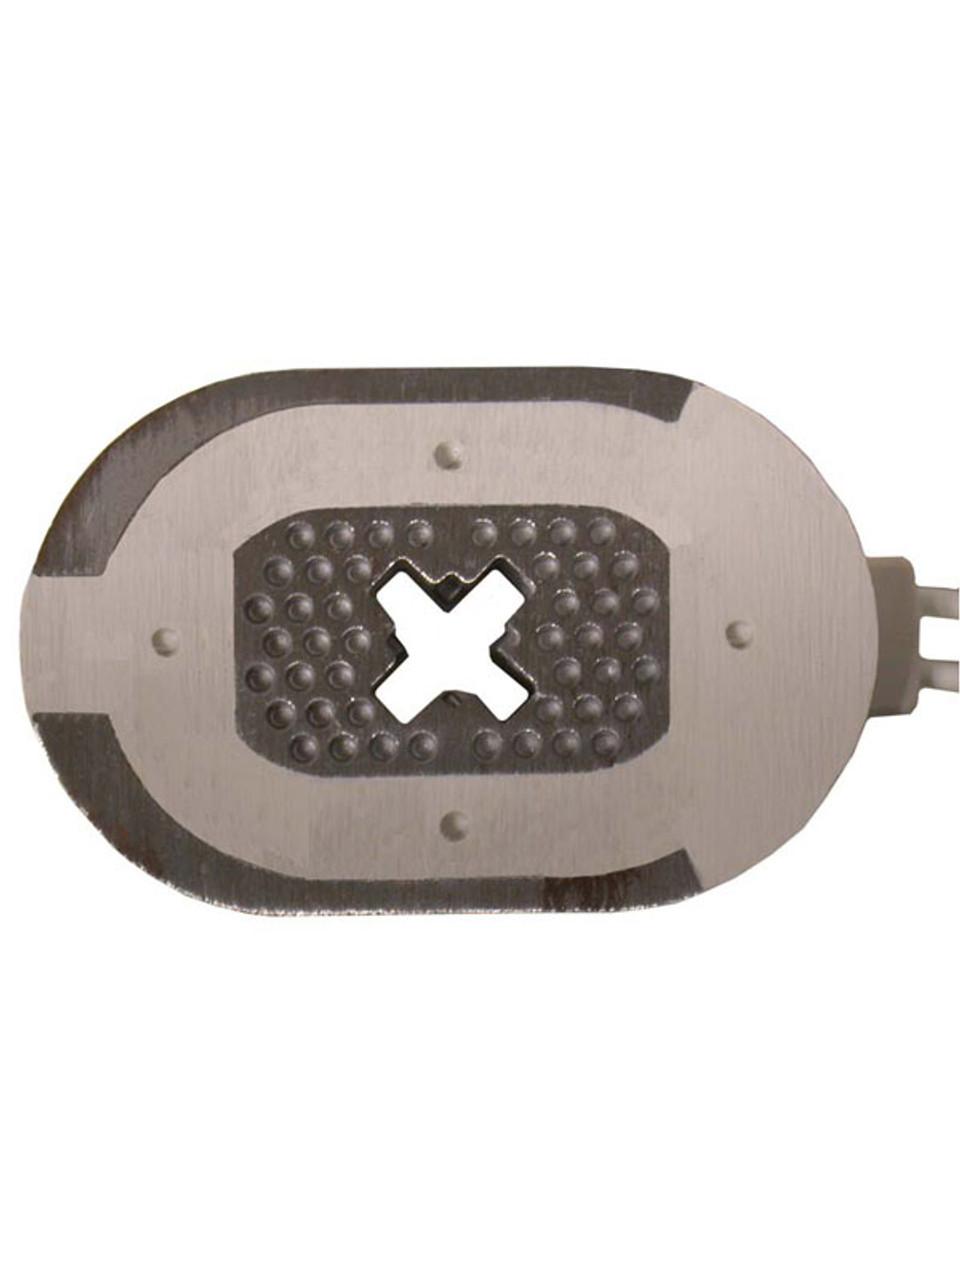 103 --- Oval Magnet Kit